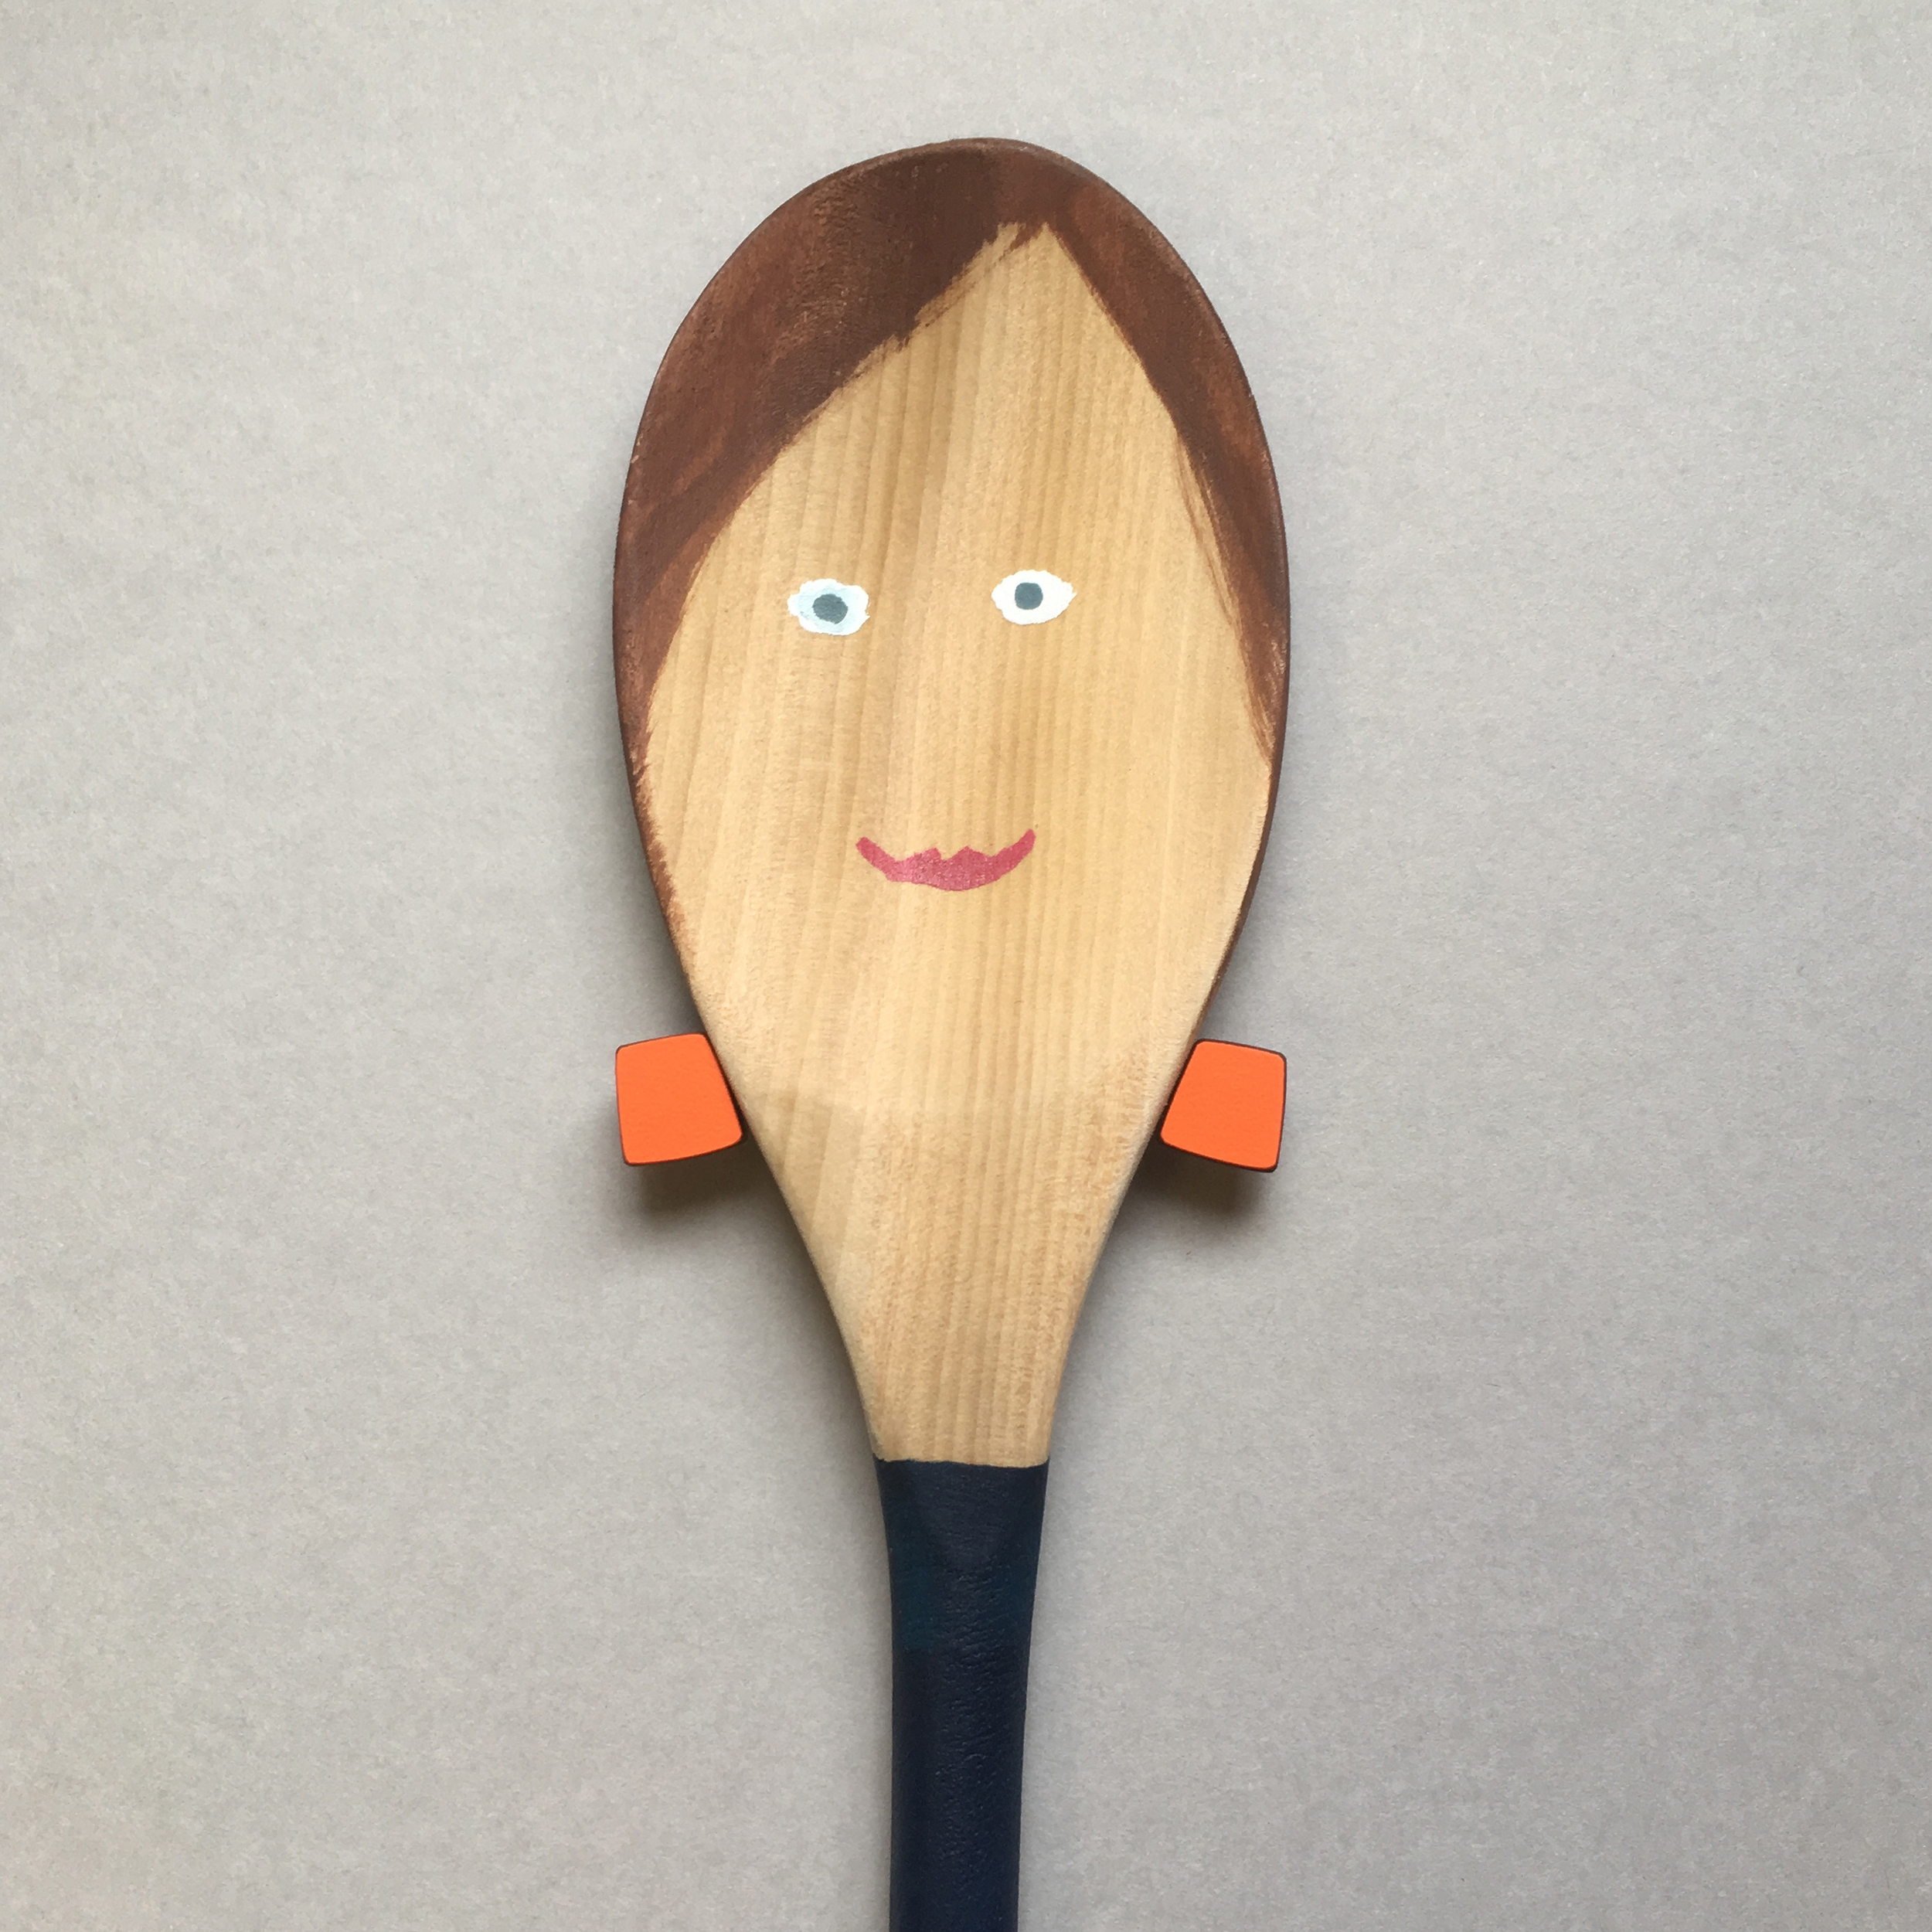 spoon_5.jpg